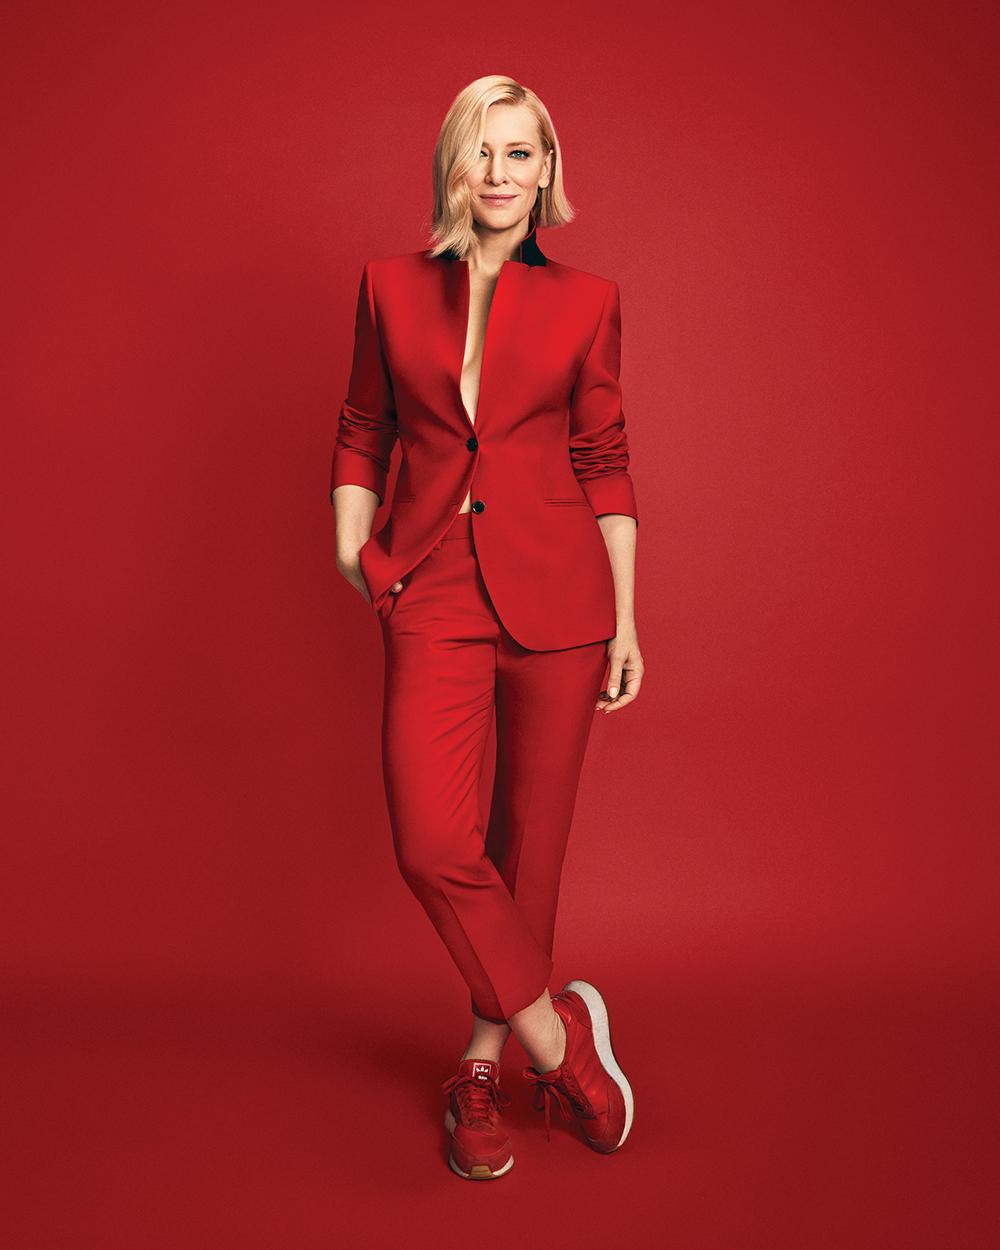 Cate Blanchett Power of Women Variety